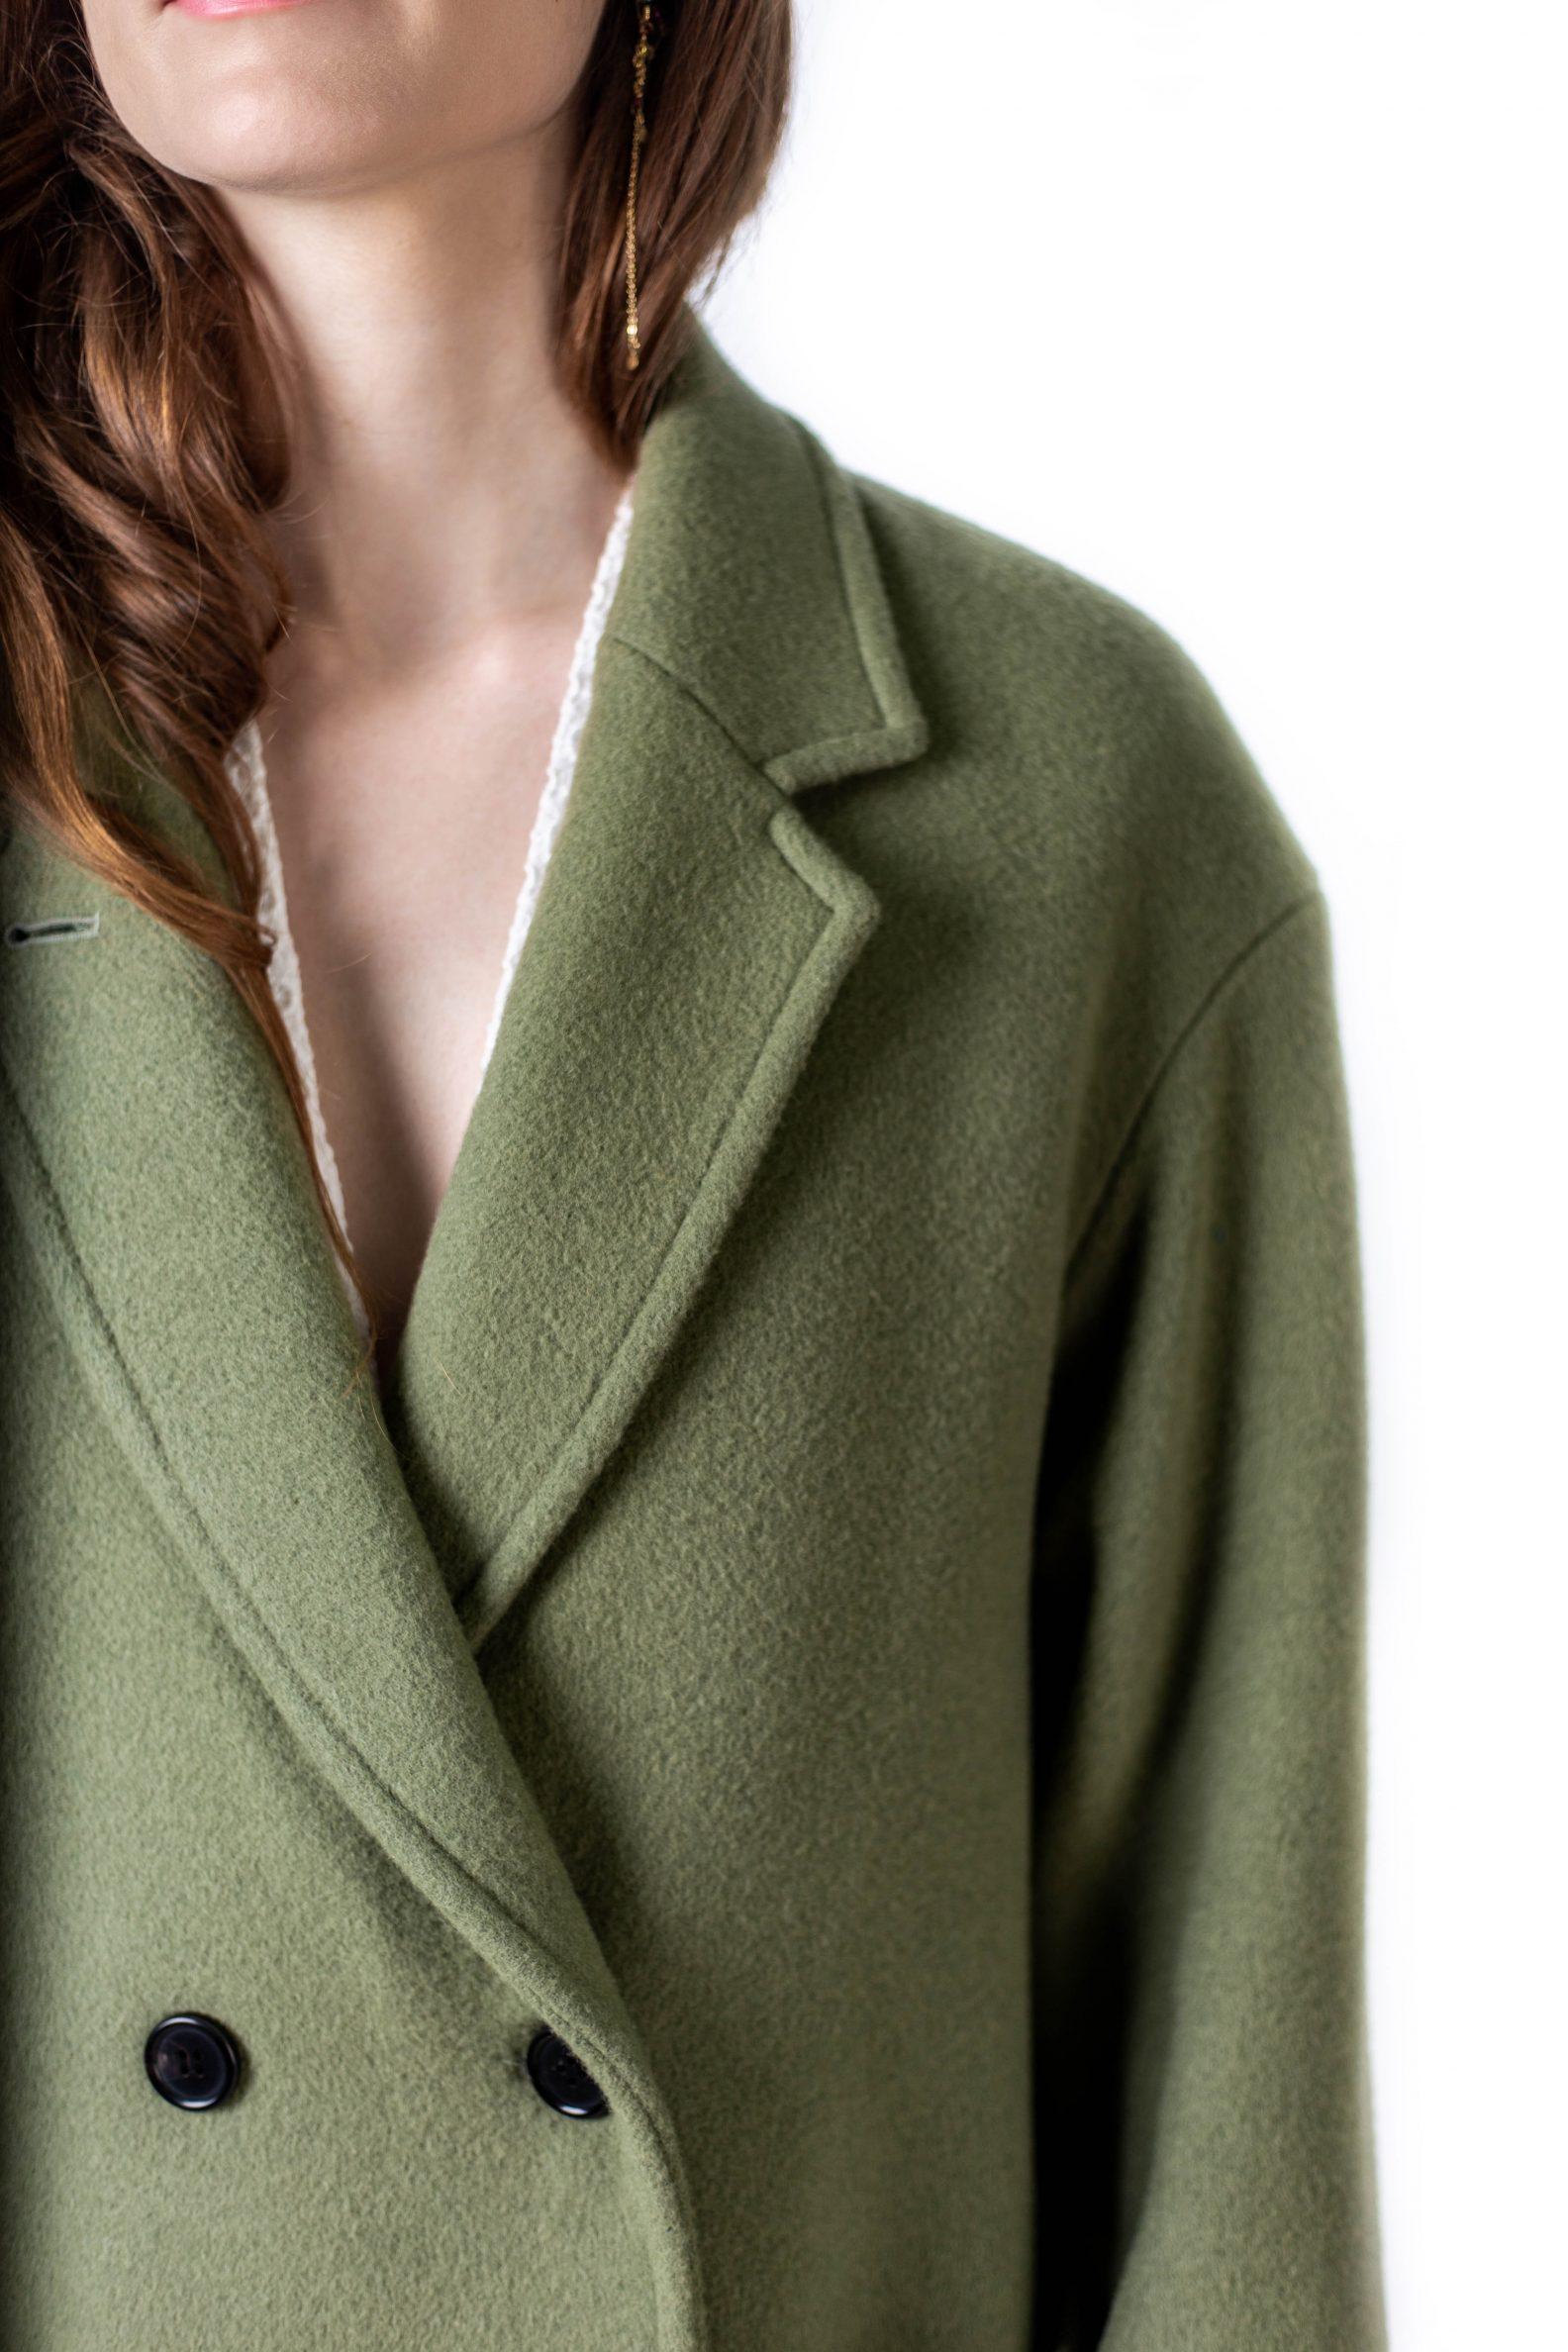 5-manteau-croise-oversize-laine-affaires-etrangeres-paris-mode-coreenne-besides-kimchi-lookast